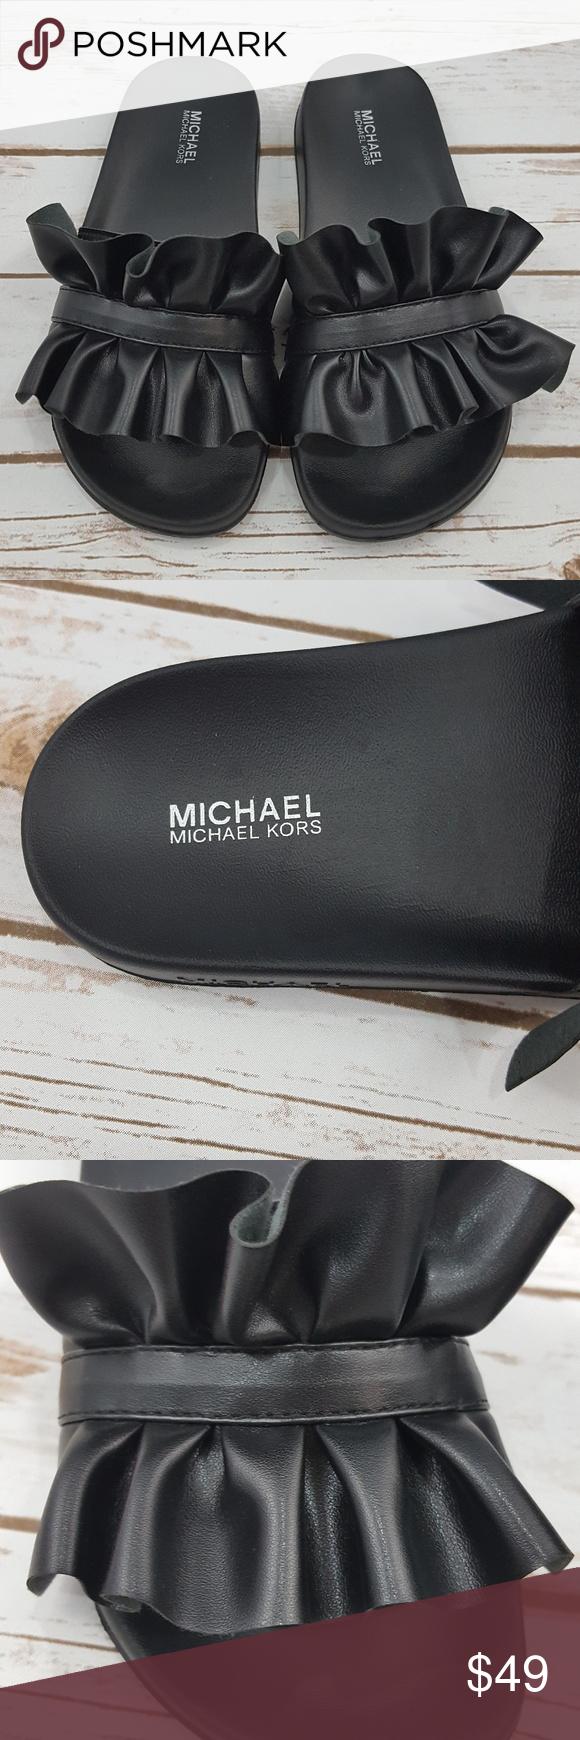 868205e578ef NEW Michael Kors Black Bella Sport Slide Sandals Brand new